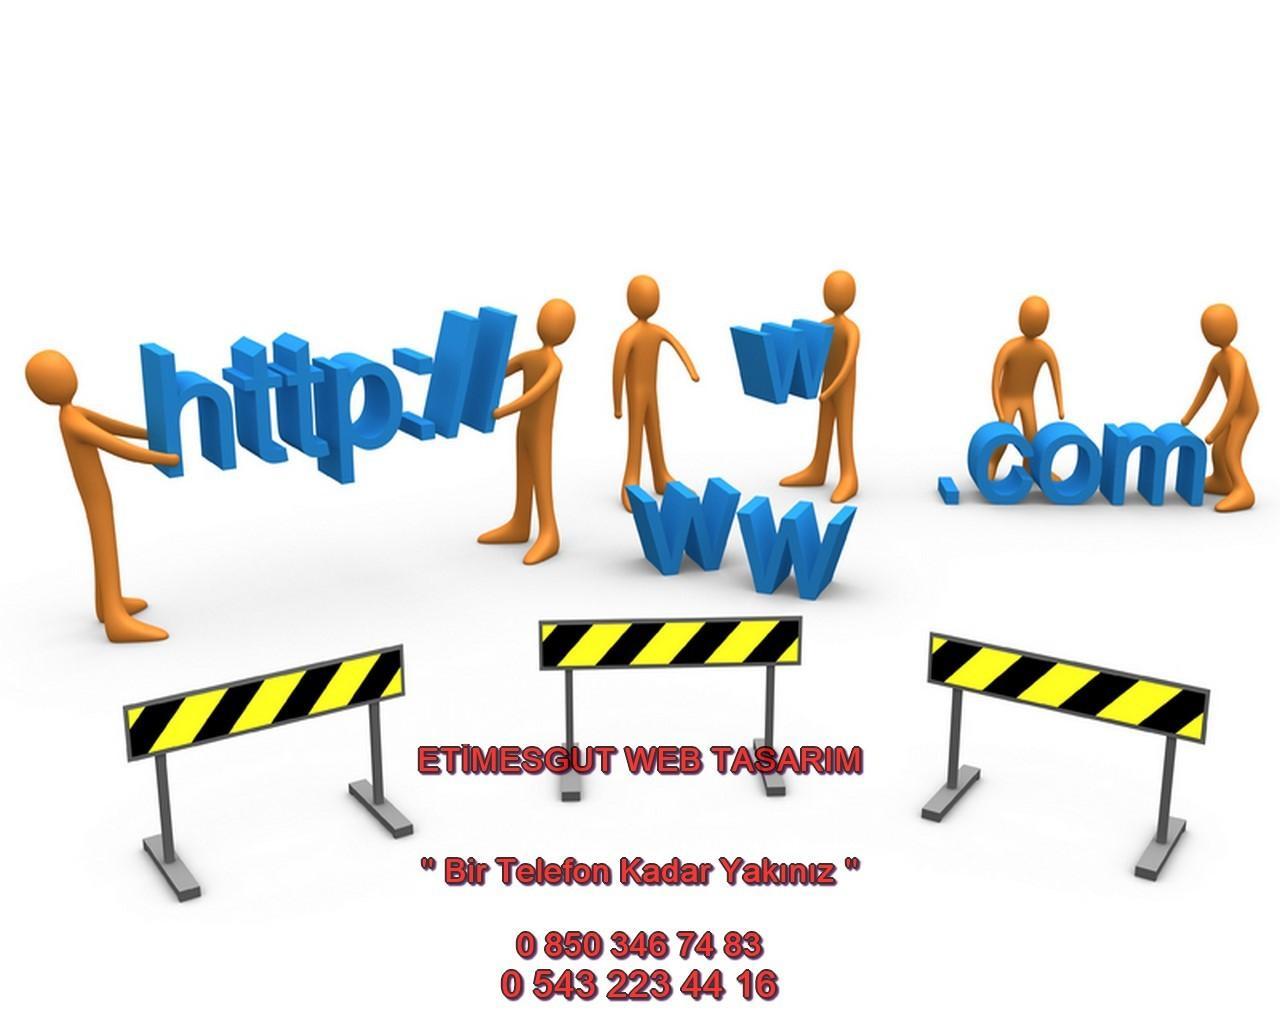 Etimesgut Web Tasarım